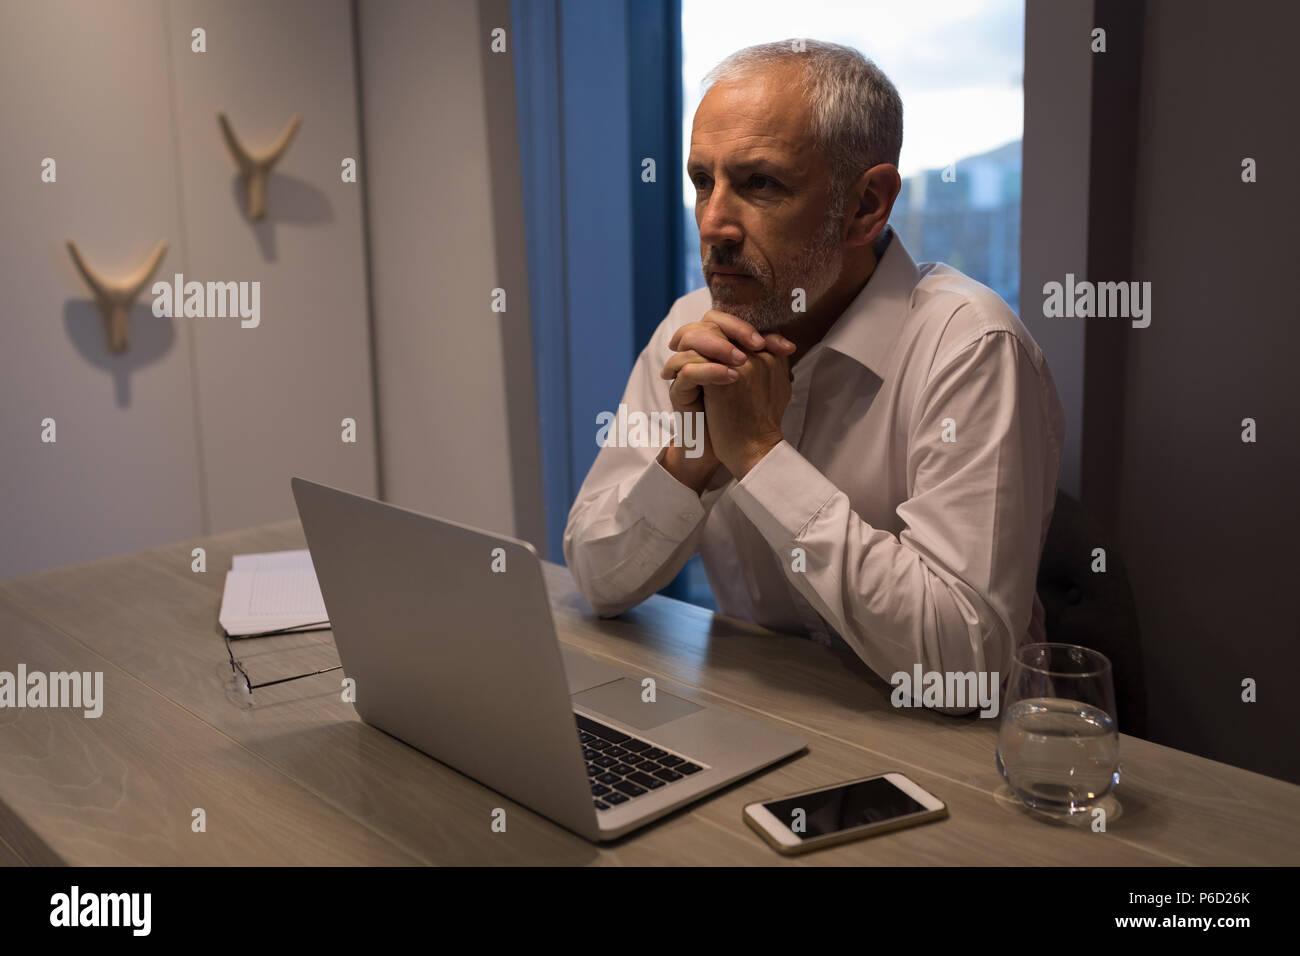 Imprenditore pensare profondamente mentre è seduto alla scrivania Immagini Stock